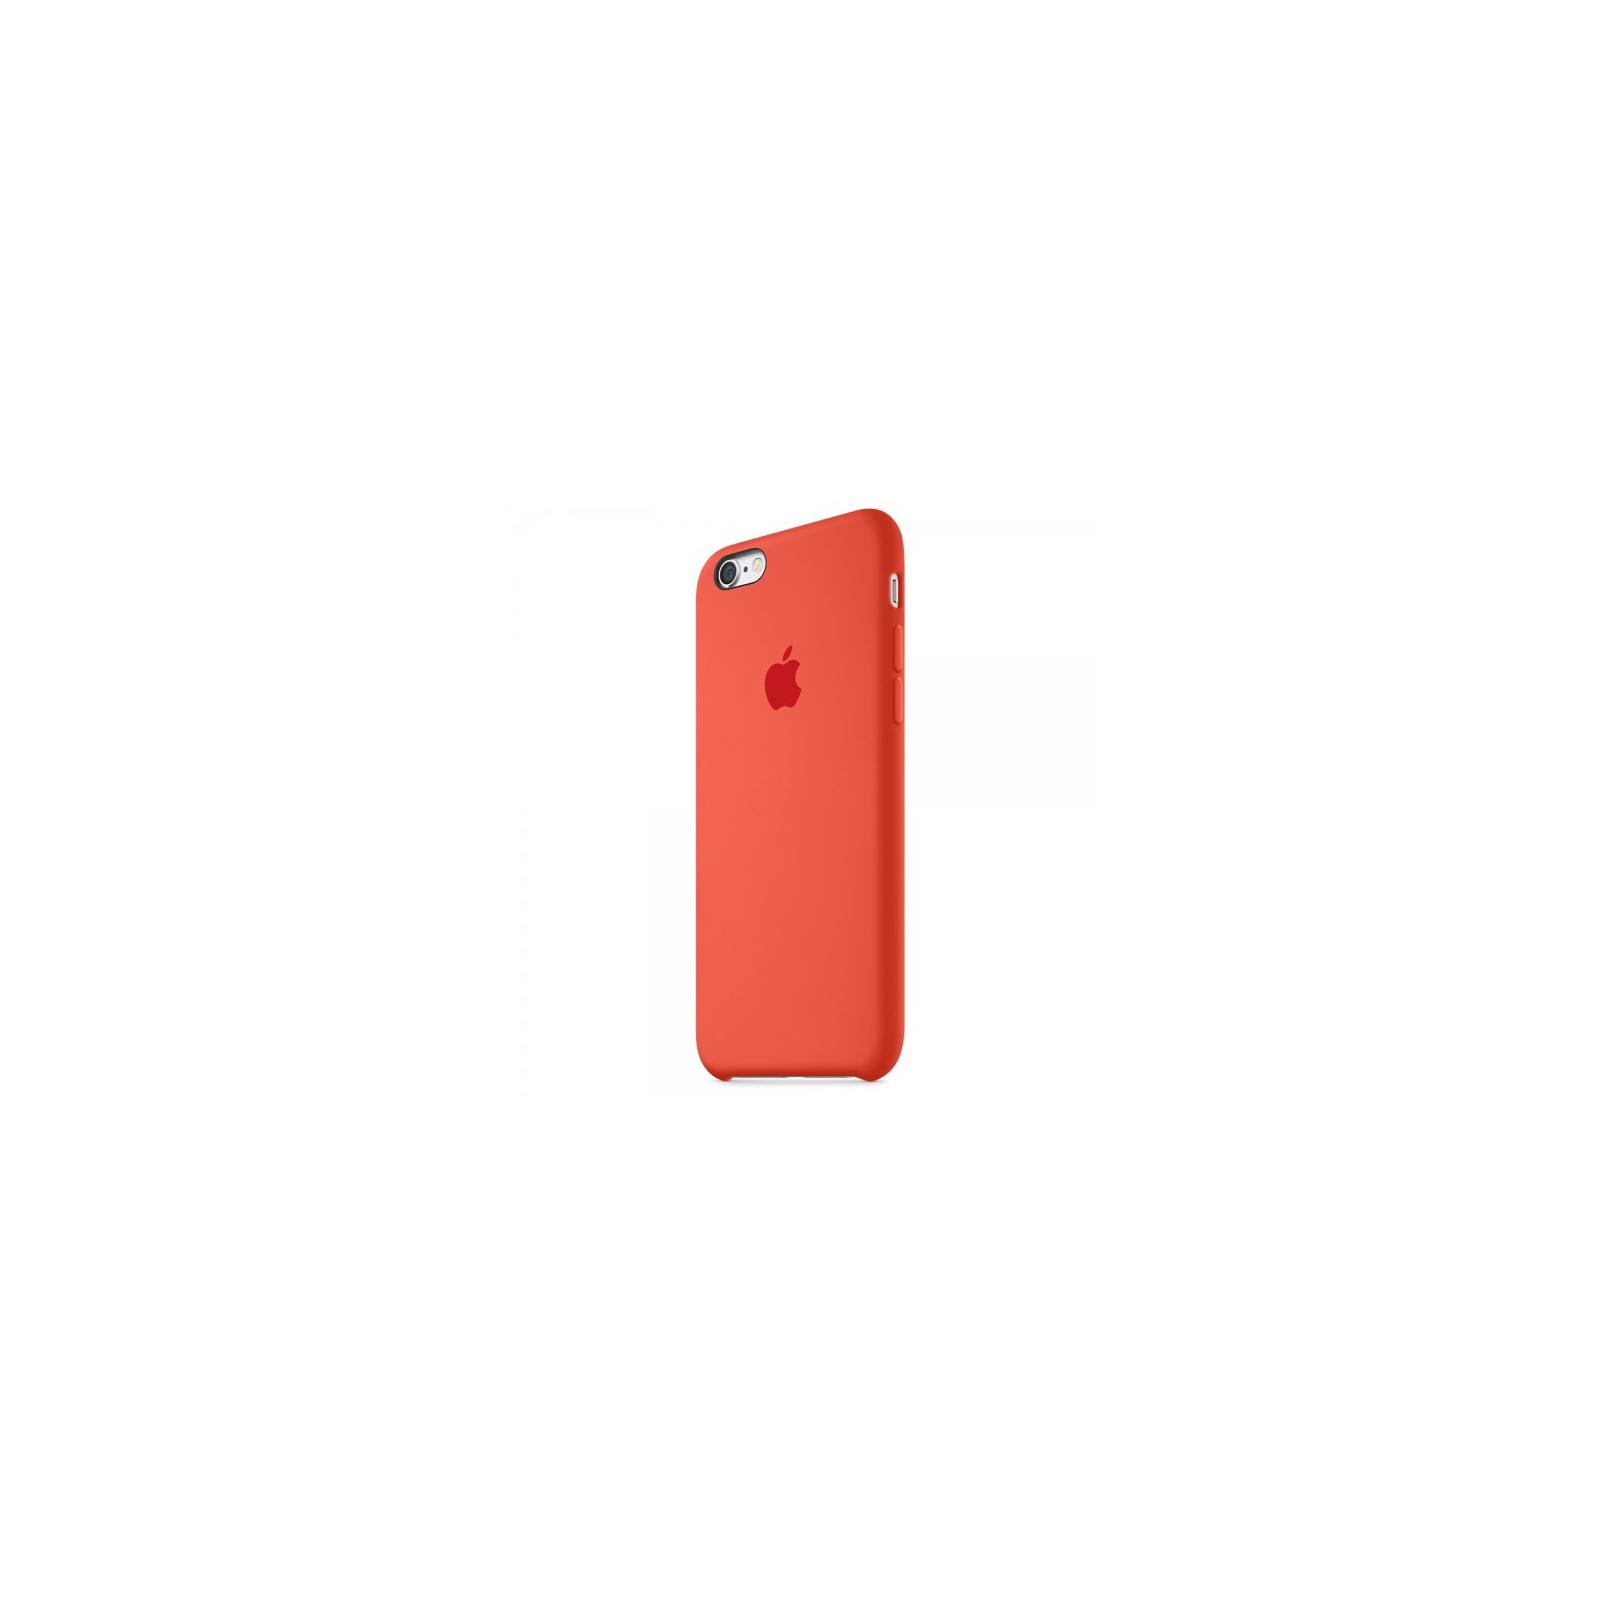 Чехол для моб. телефона Apple для iPhone 6/6s Orange (MKY62ZM/A) изображение 2